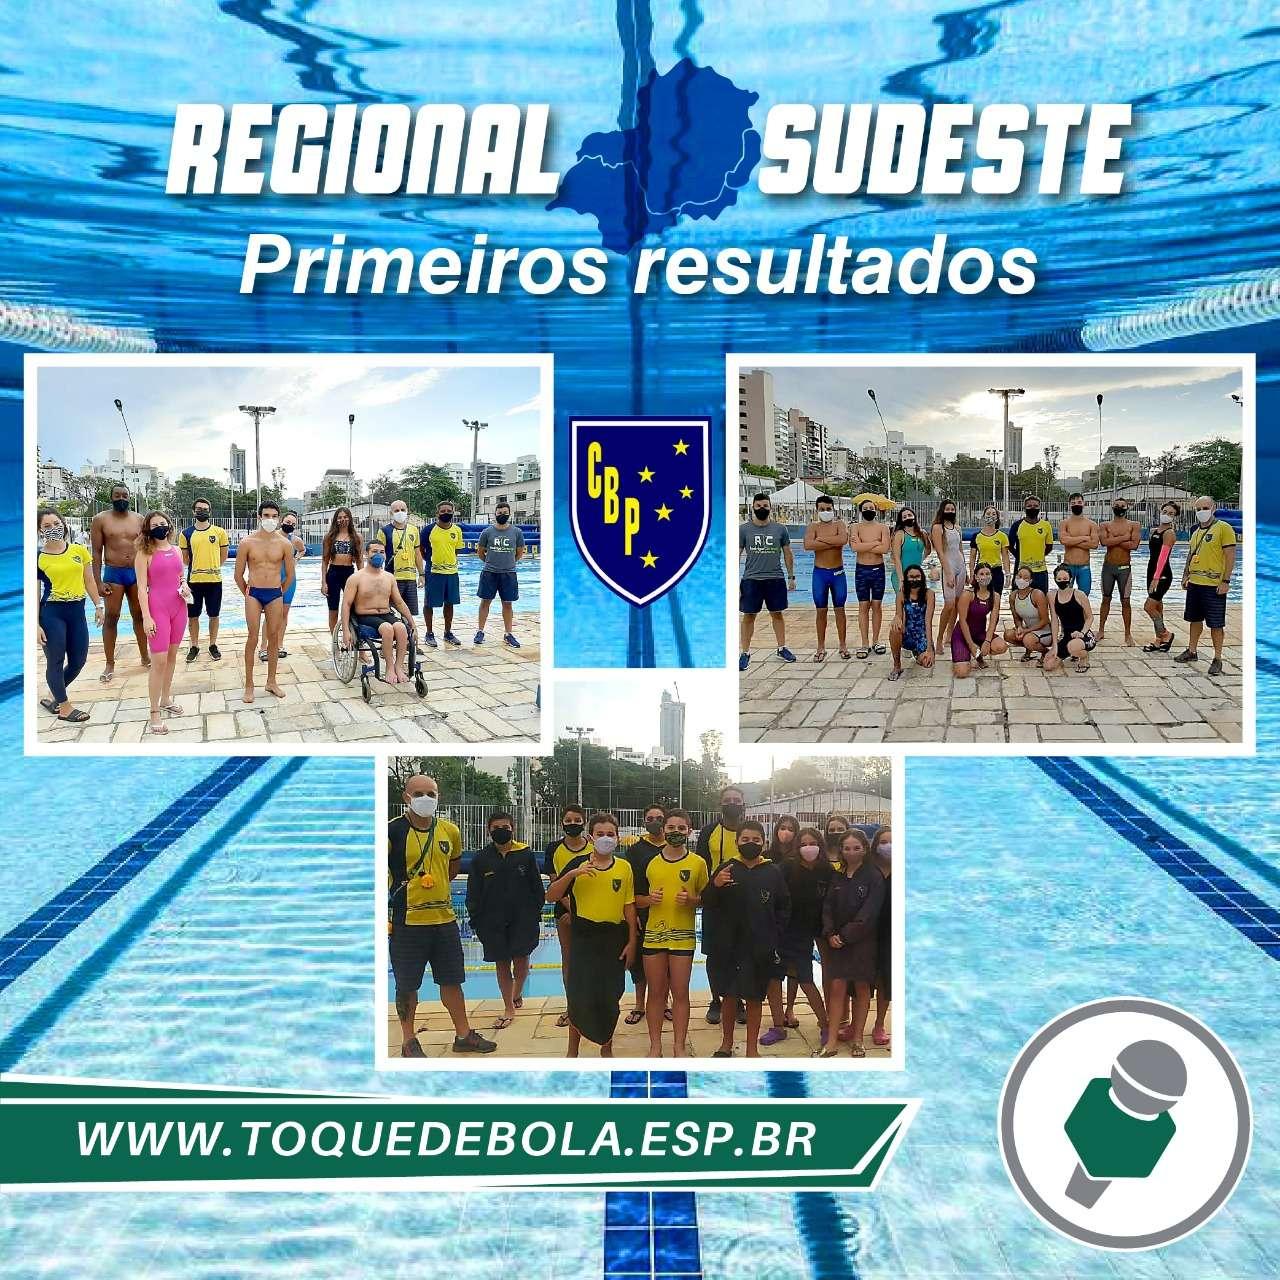 Bom Pastor comemora primeiros resultados no Torneio Sudeste!